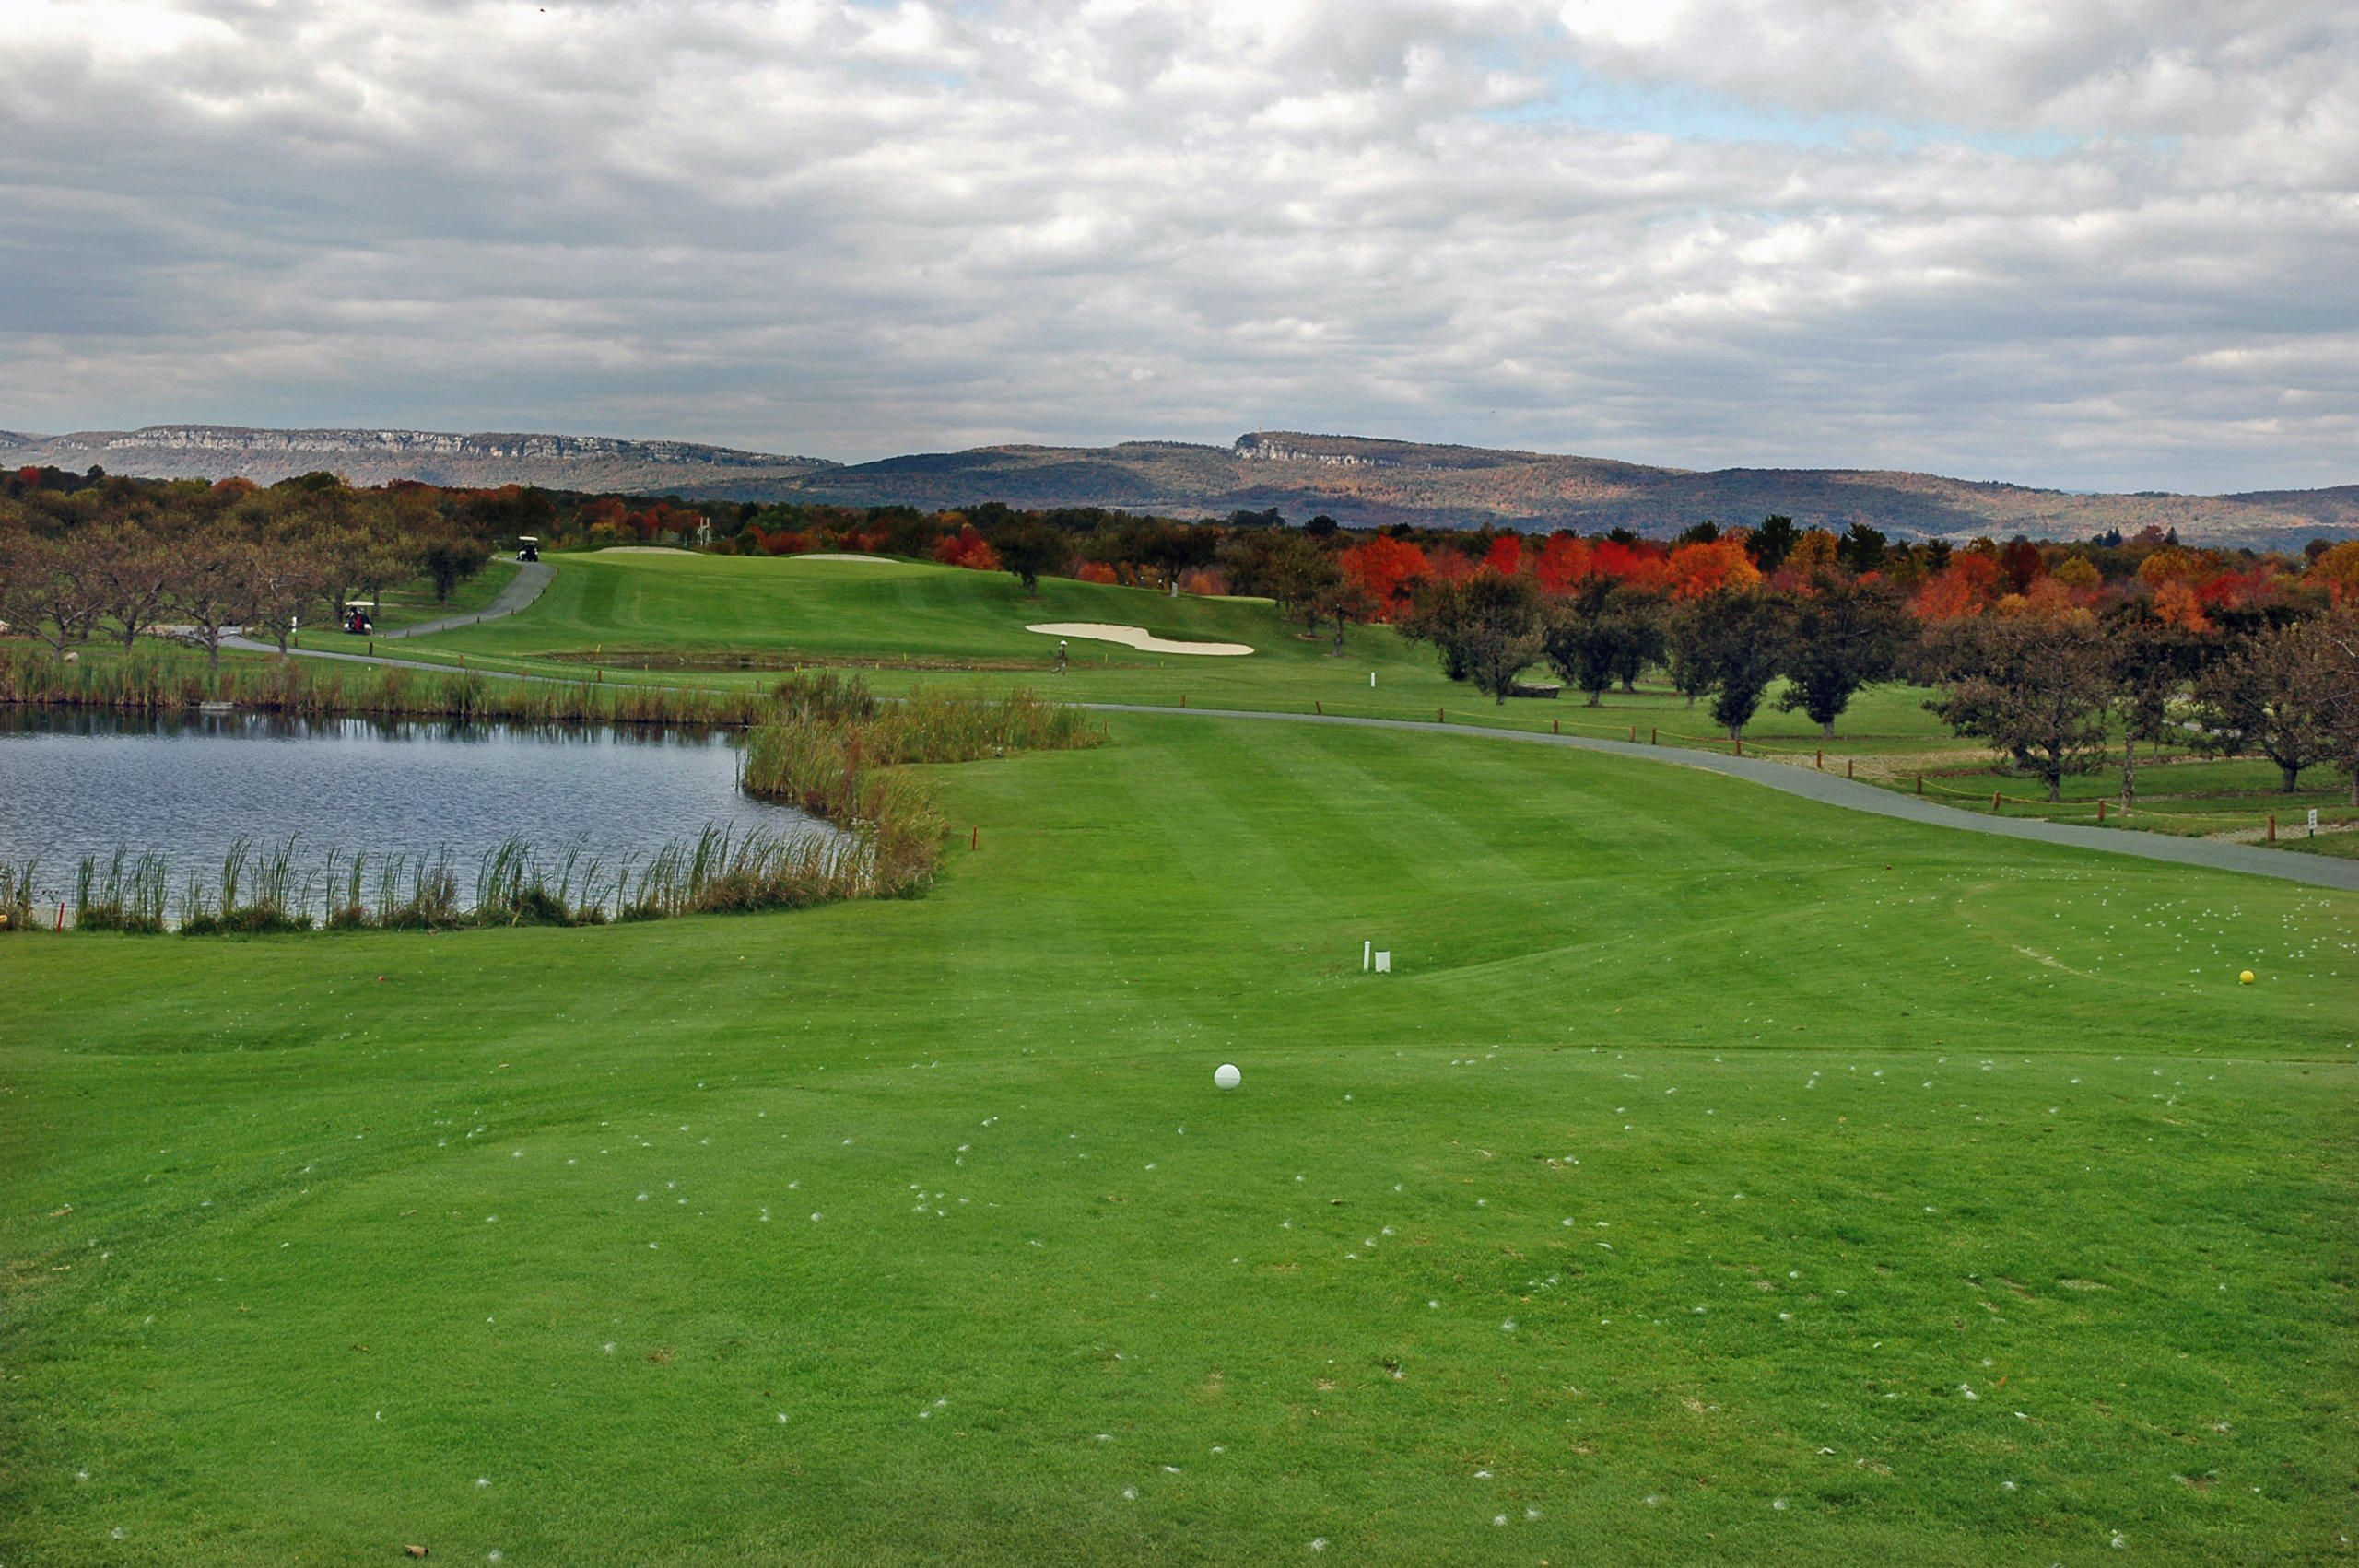 26++ Apple green golf course new paltz ideas